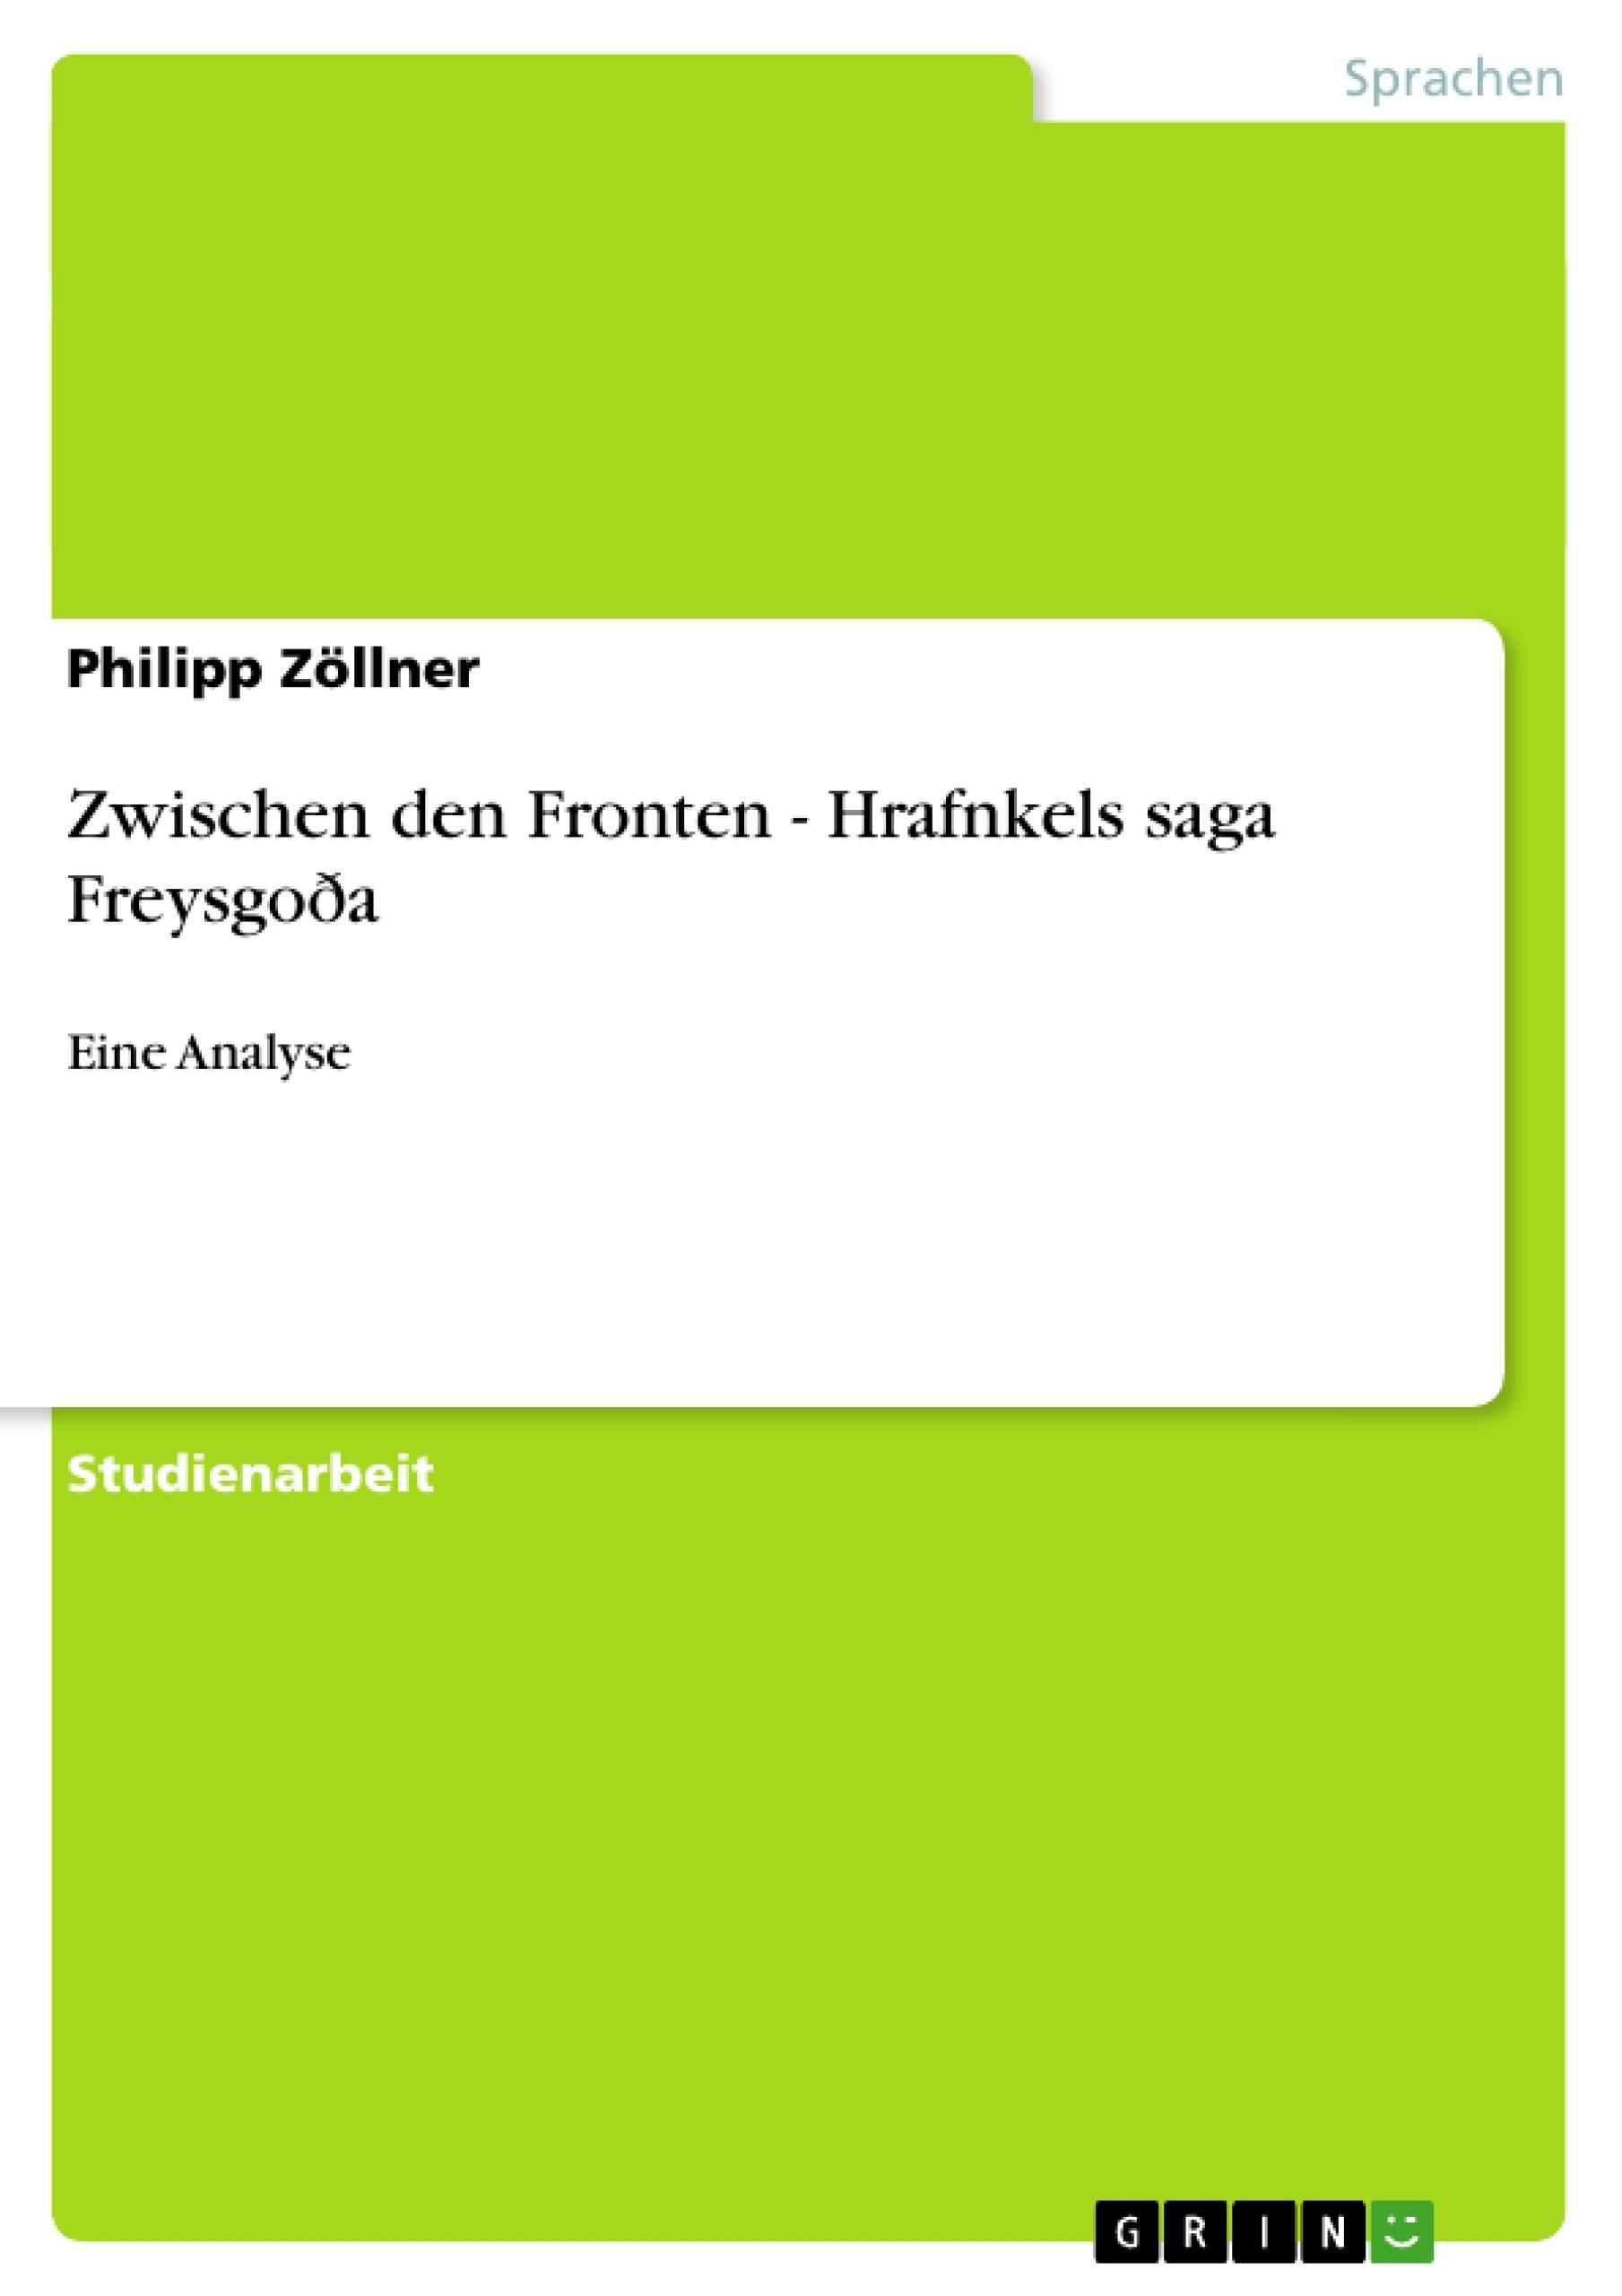 Titel: Zwischen den Fronten - Hrafnkels saga Freysgoða